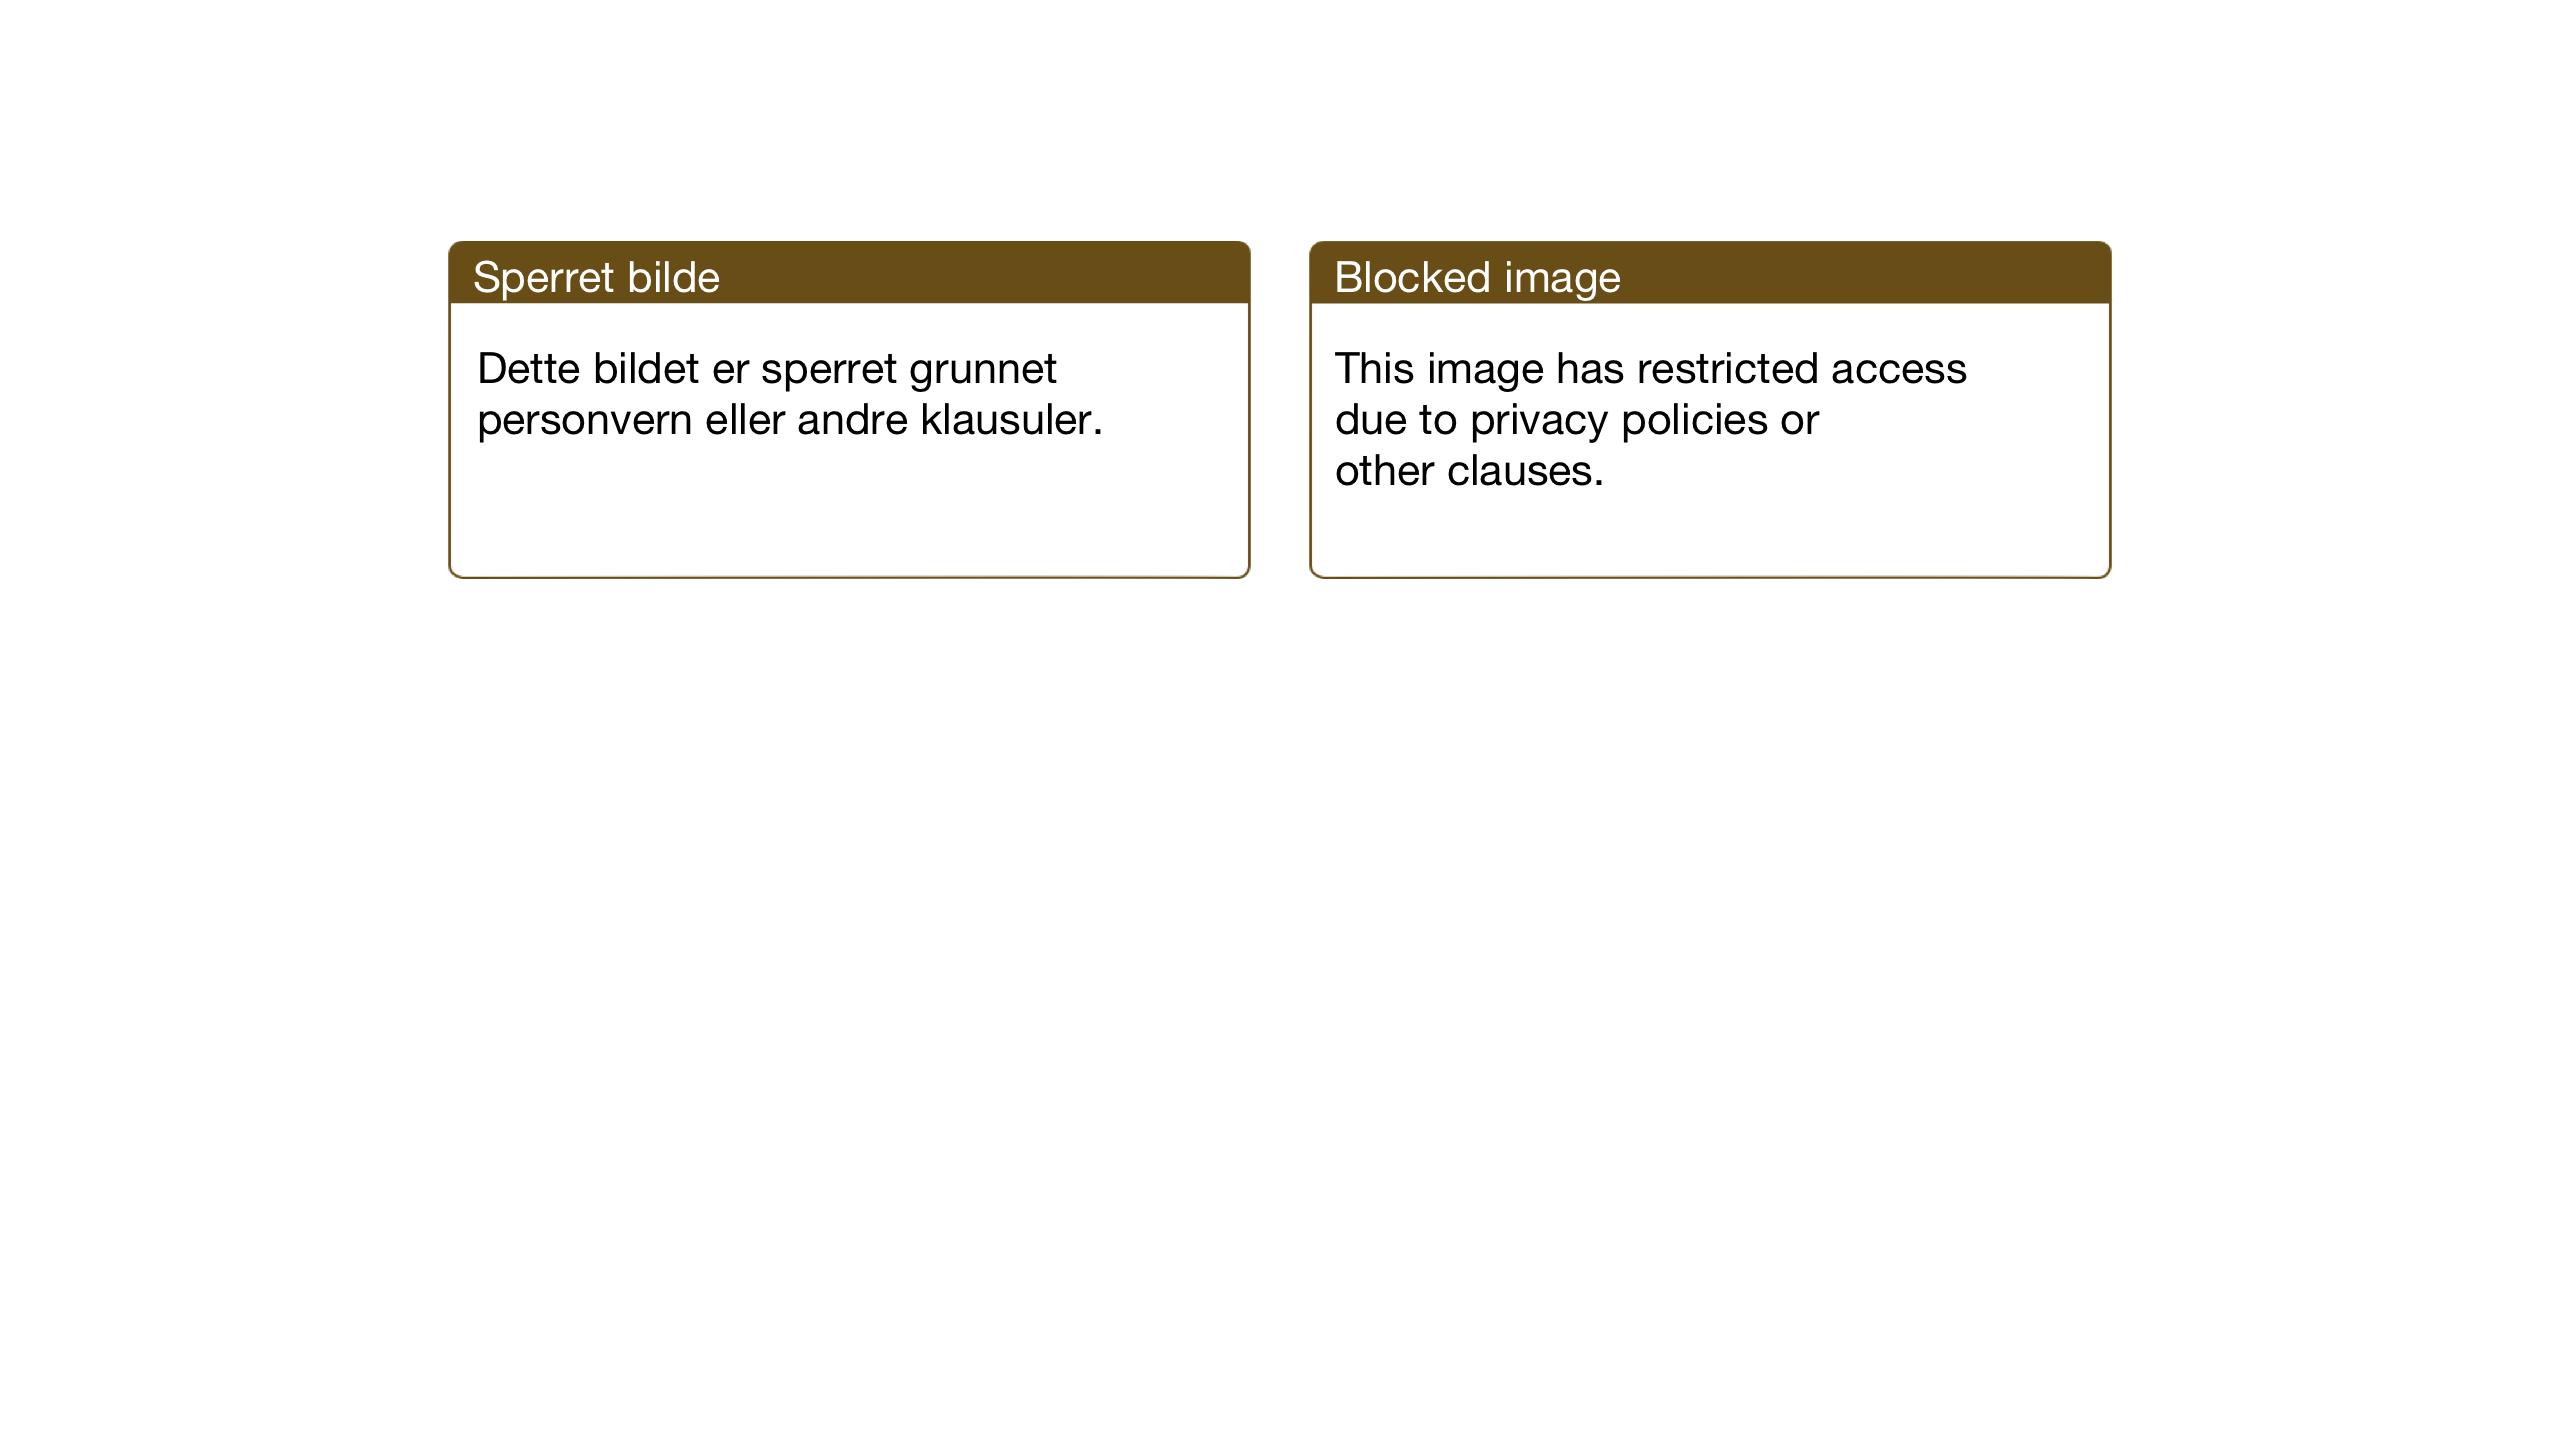 SAT, Ministerialprotokoller, klokkerbøker og fødselsregistre - Sør-Trøndelag, 696/L1161: Klokkerbok nr. 696C01, 1902-1950, s. 70